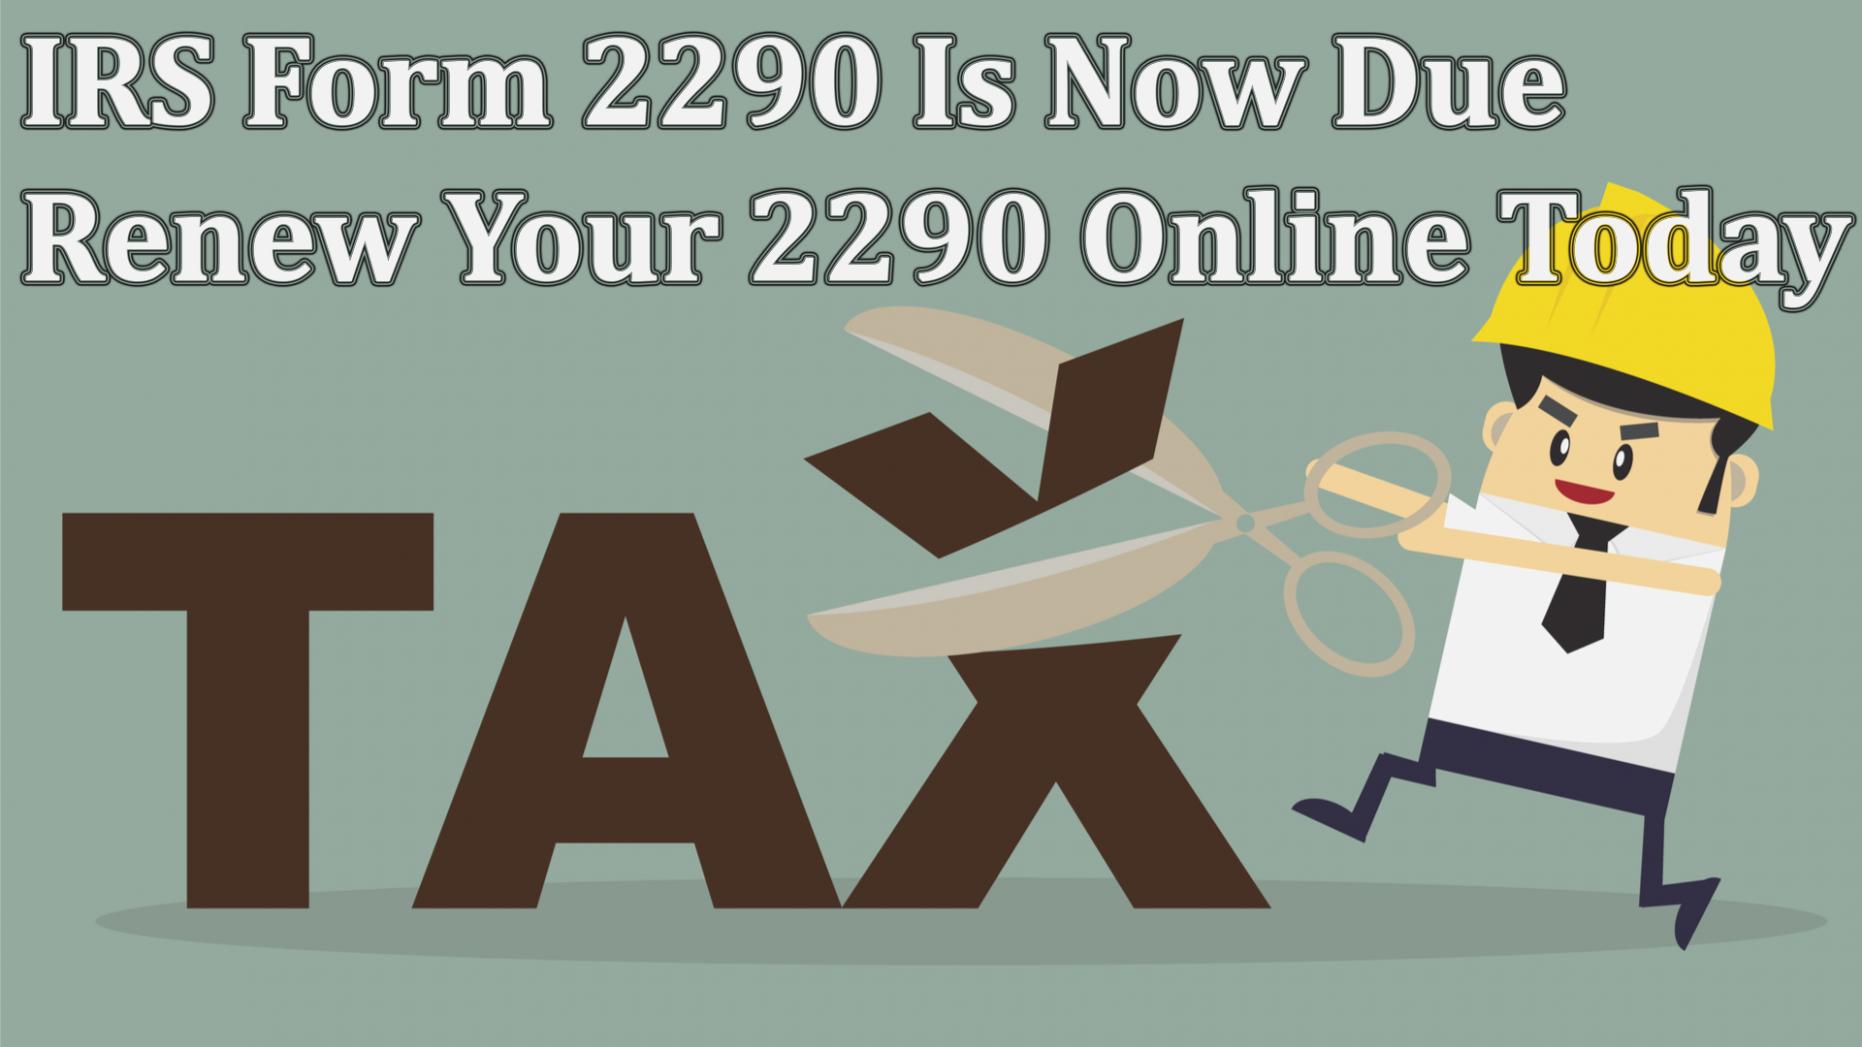 Irs.gov Form 2290